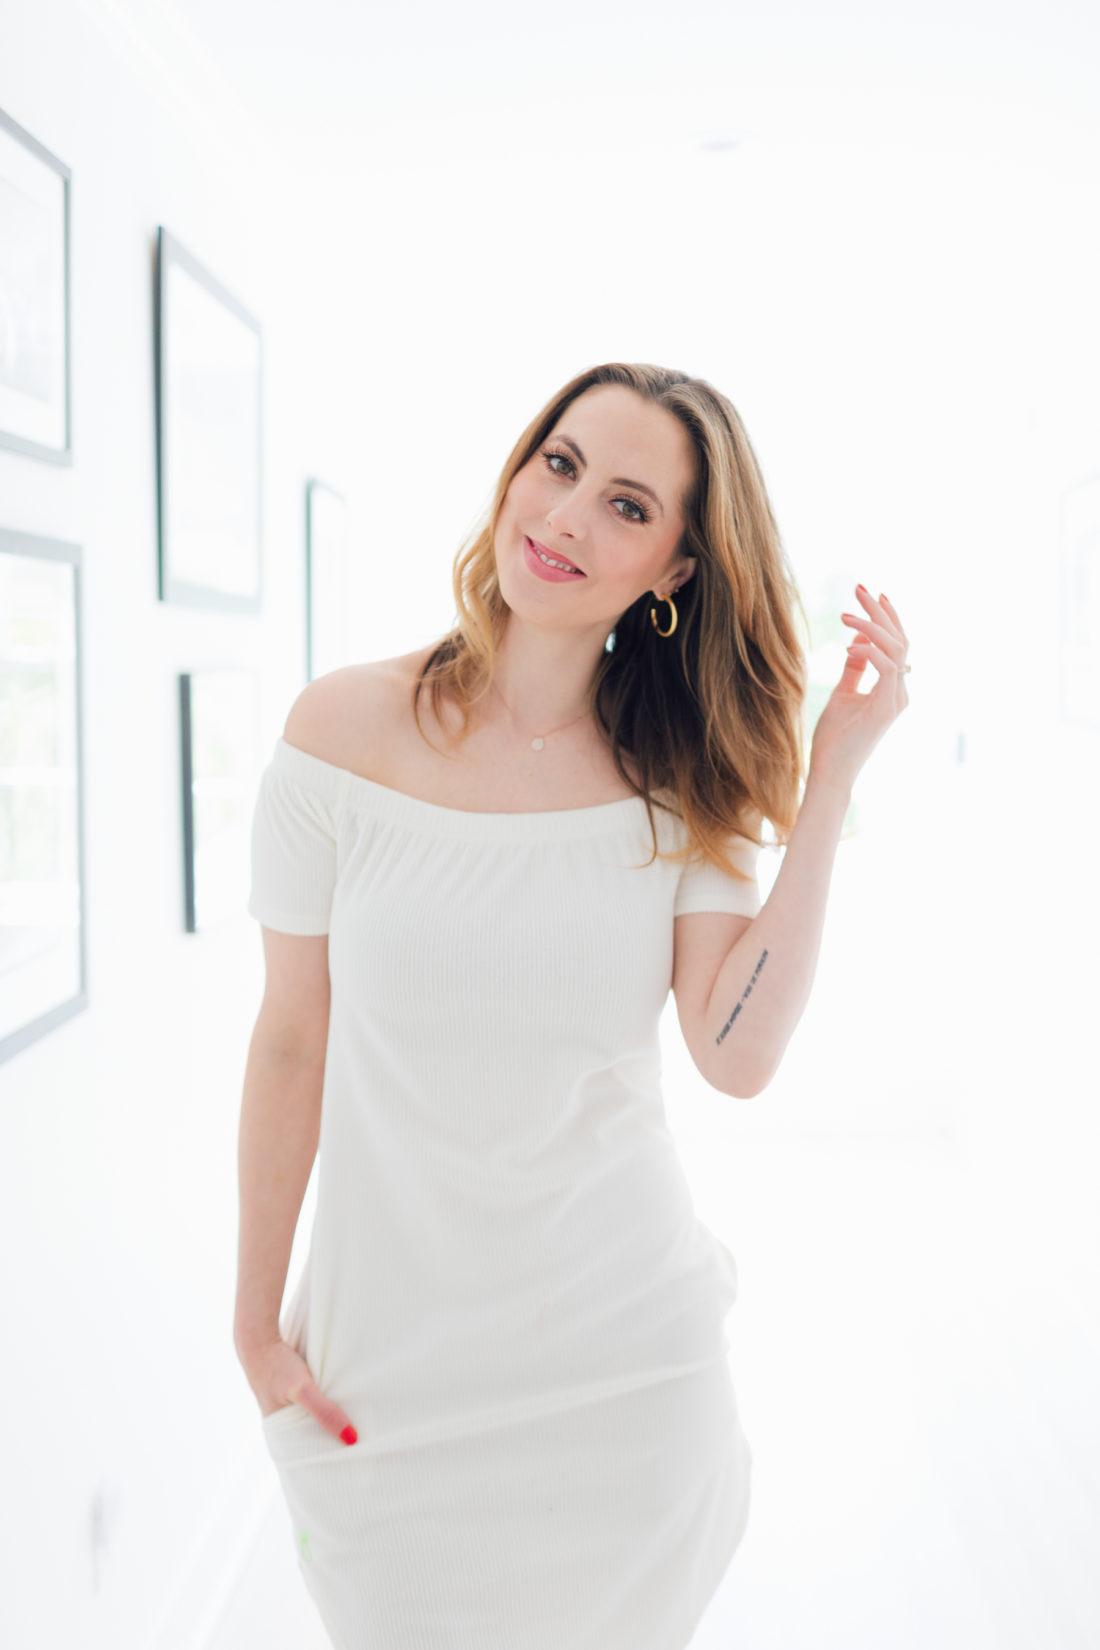 Eva Amurri Martino wears a little white dress for spring